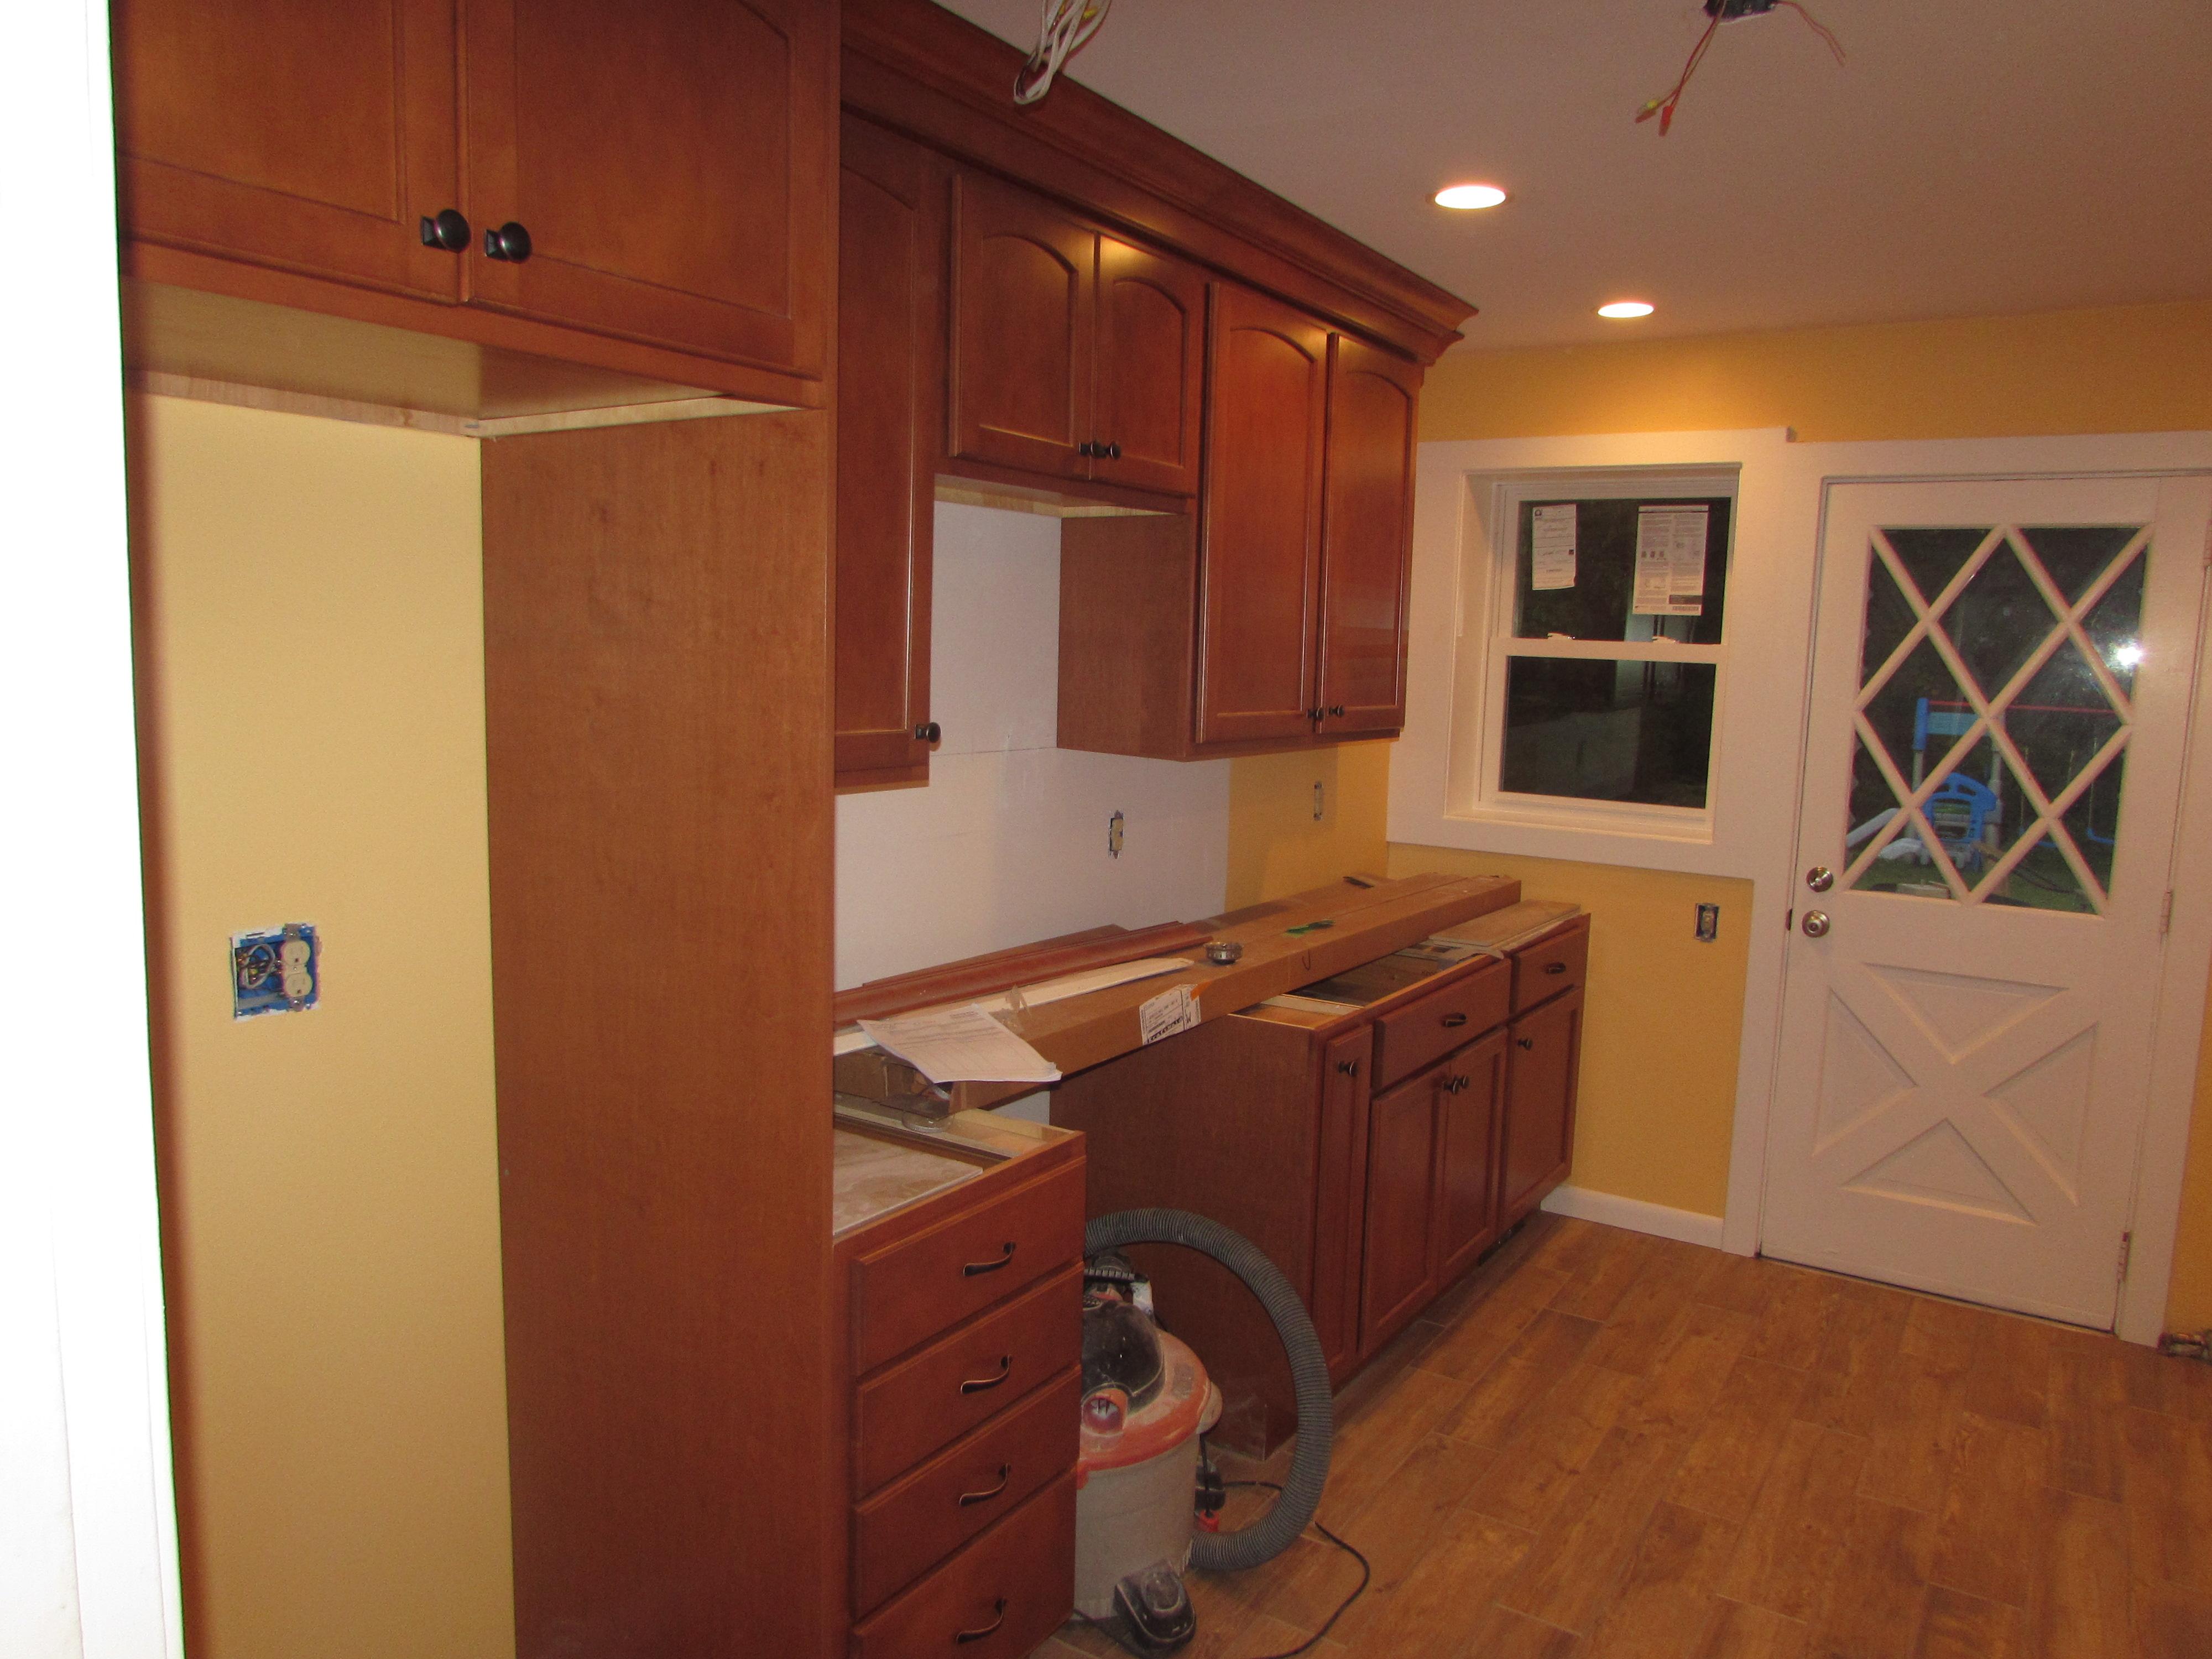 Jones Kitchen during 8